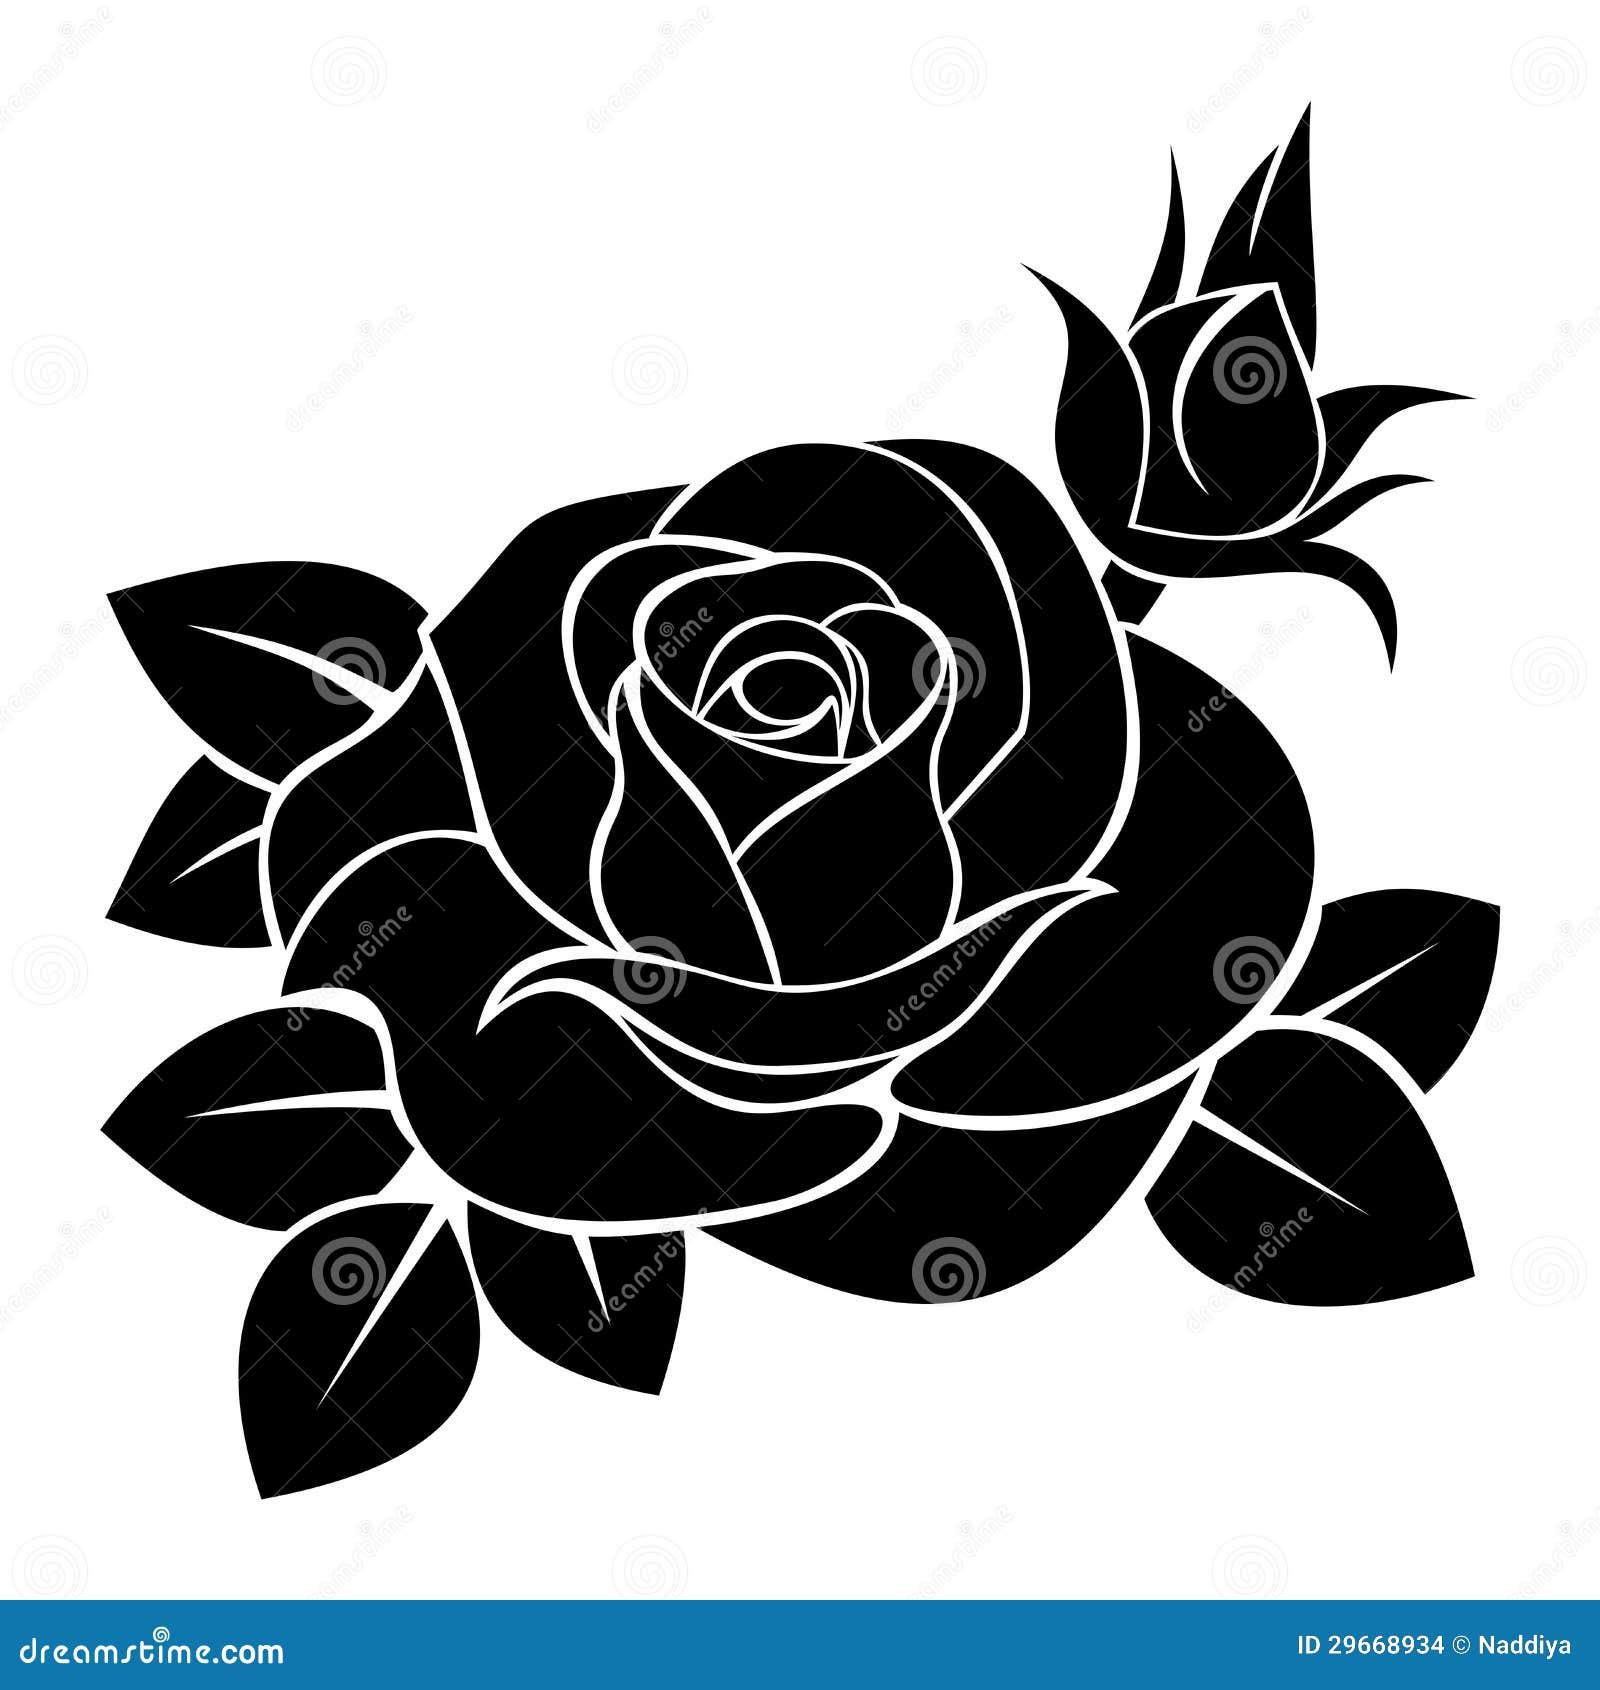 knumathise: Rose Black And White Outline Images